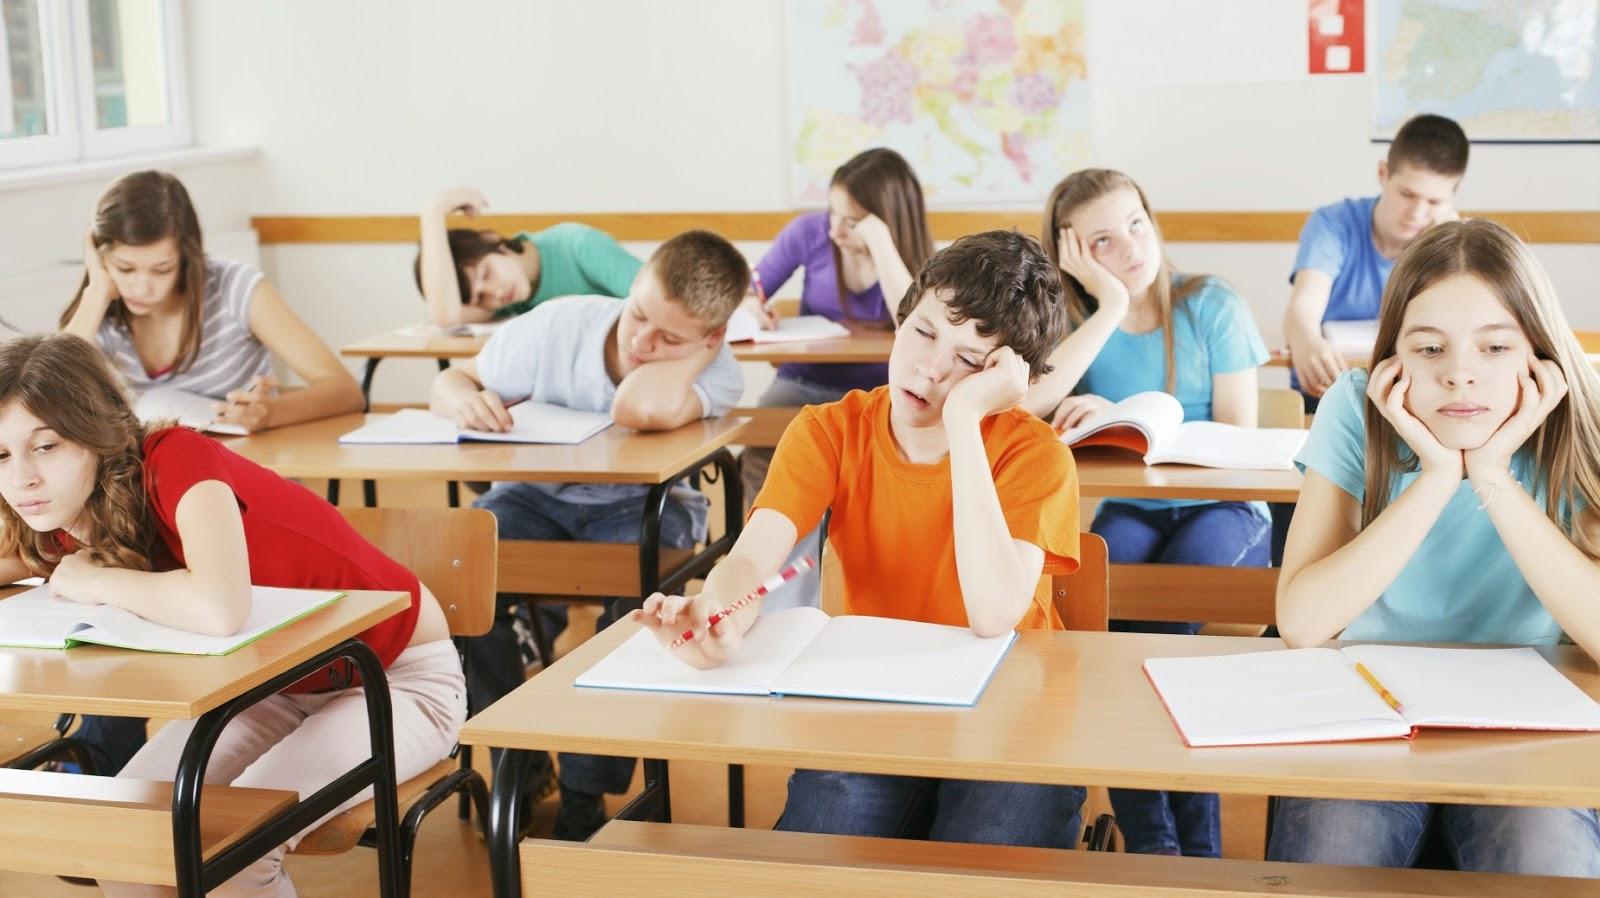 Cách chống buồn ngủ trong giờ học